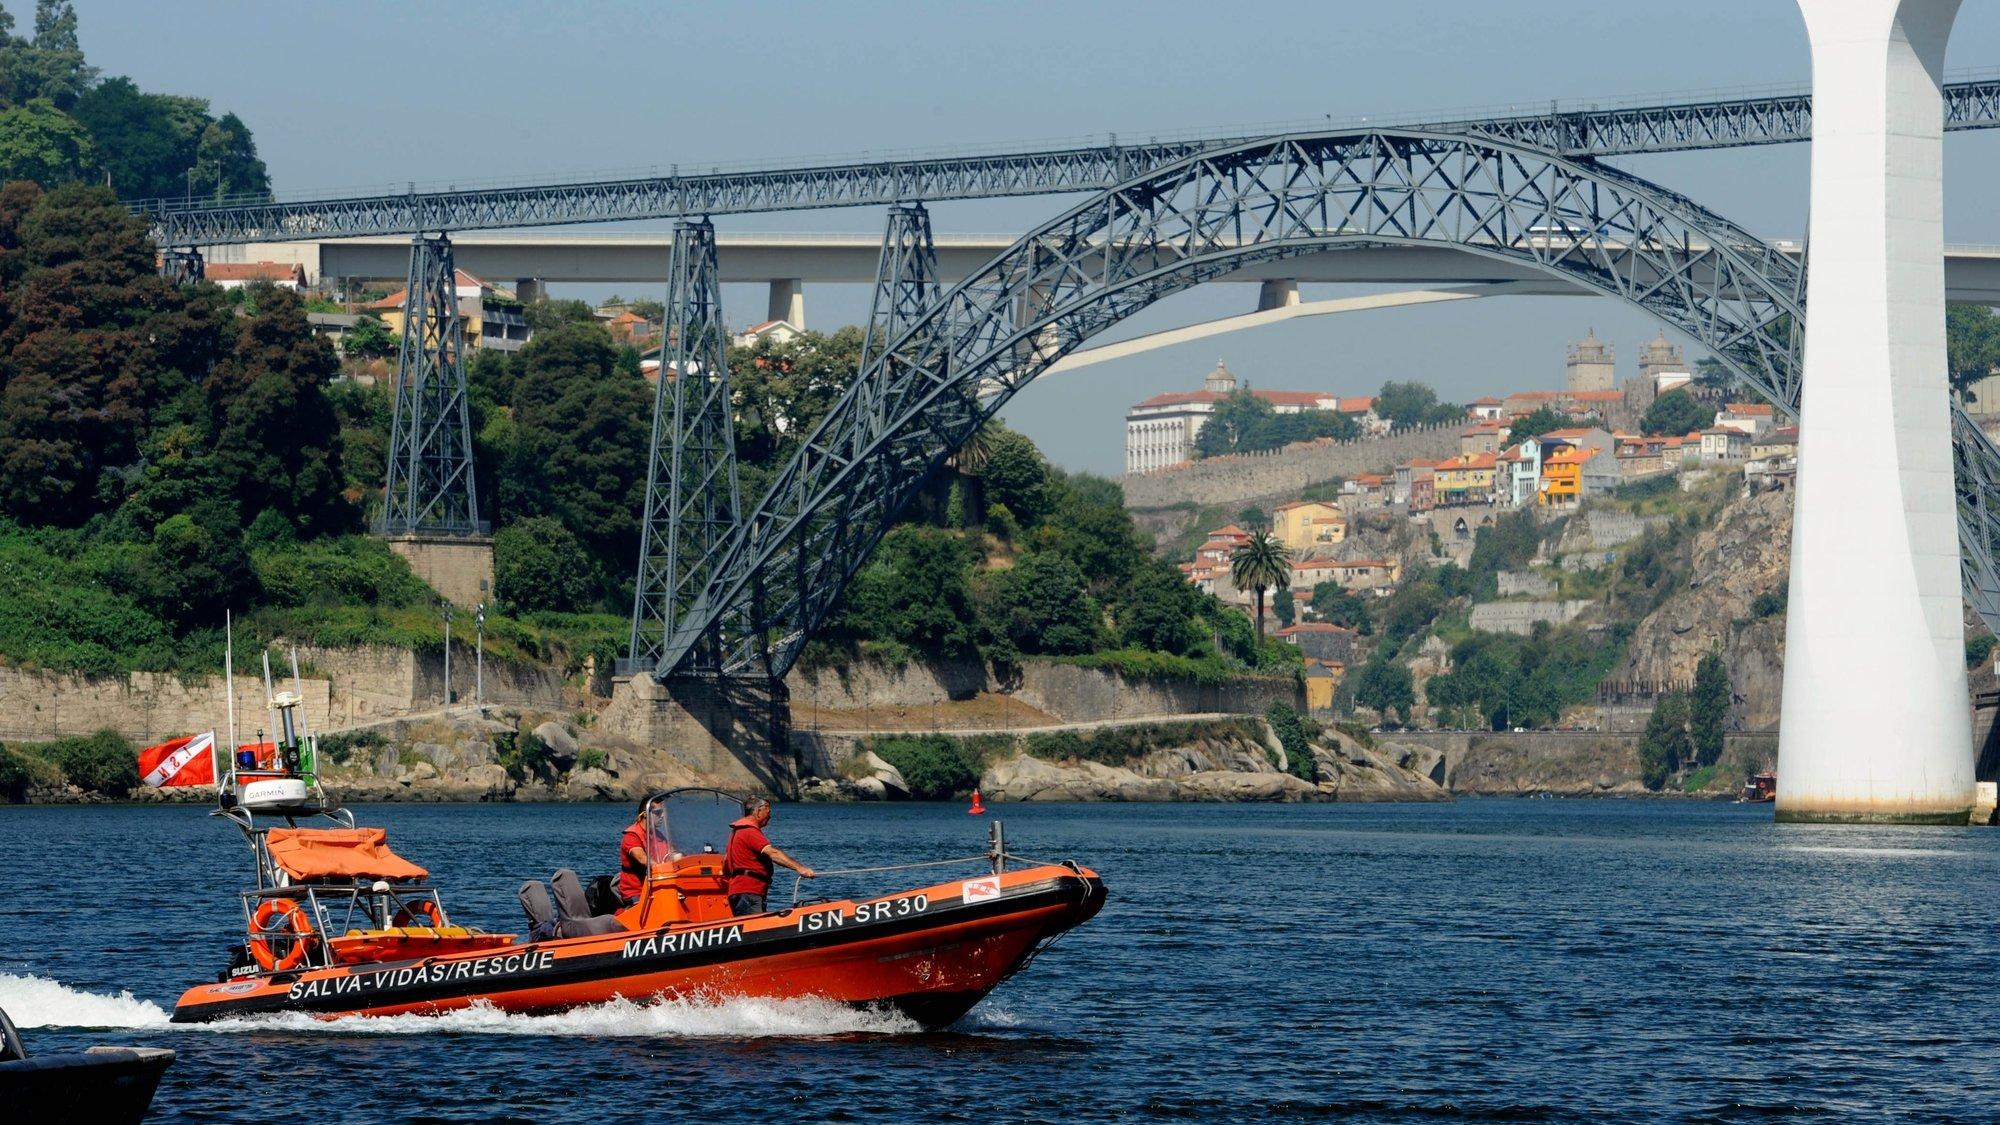 Elementos da Polícia Marítima do Douro e elementos do Instituto de Socorros a Náufragos, apoiados por duas lanchas,  fazem buscas para encontrar o jovem de 15 anos desaparecido no domingo no rio Douro na zona do Areinho, Avintes, em Vila Nova de Gaia, 30 de julho de 2012.    FERNANDO VELUDO/LUSA